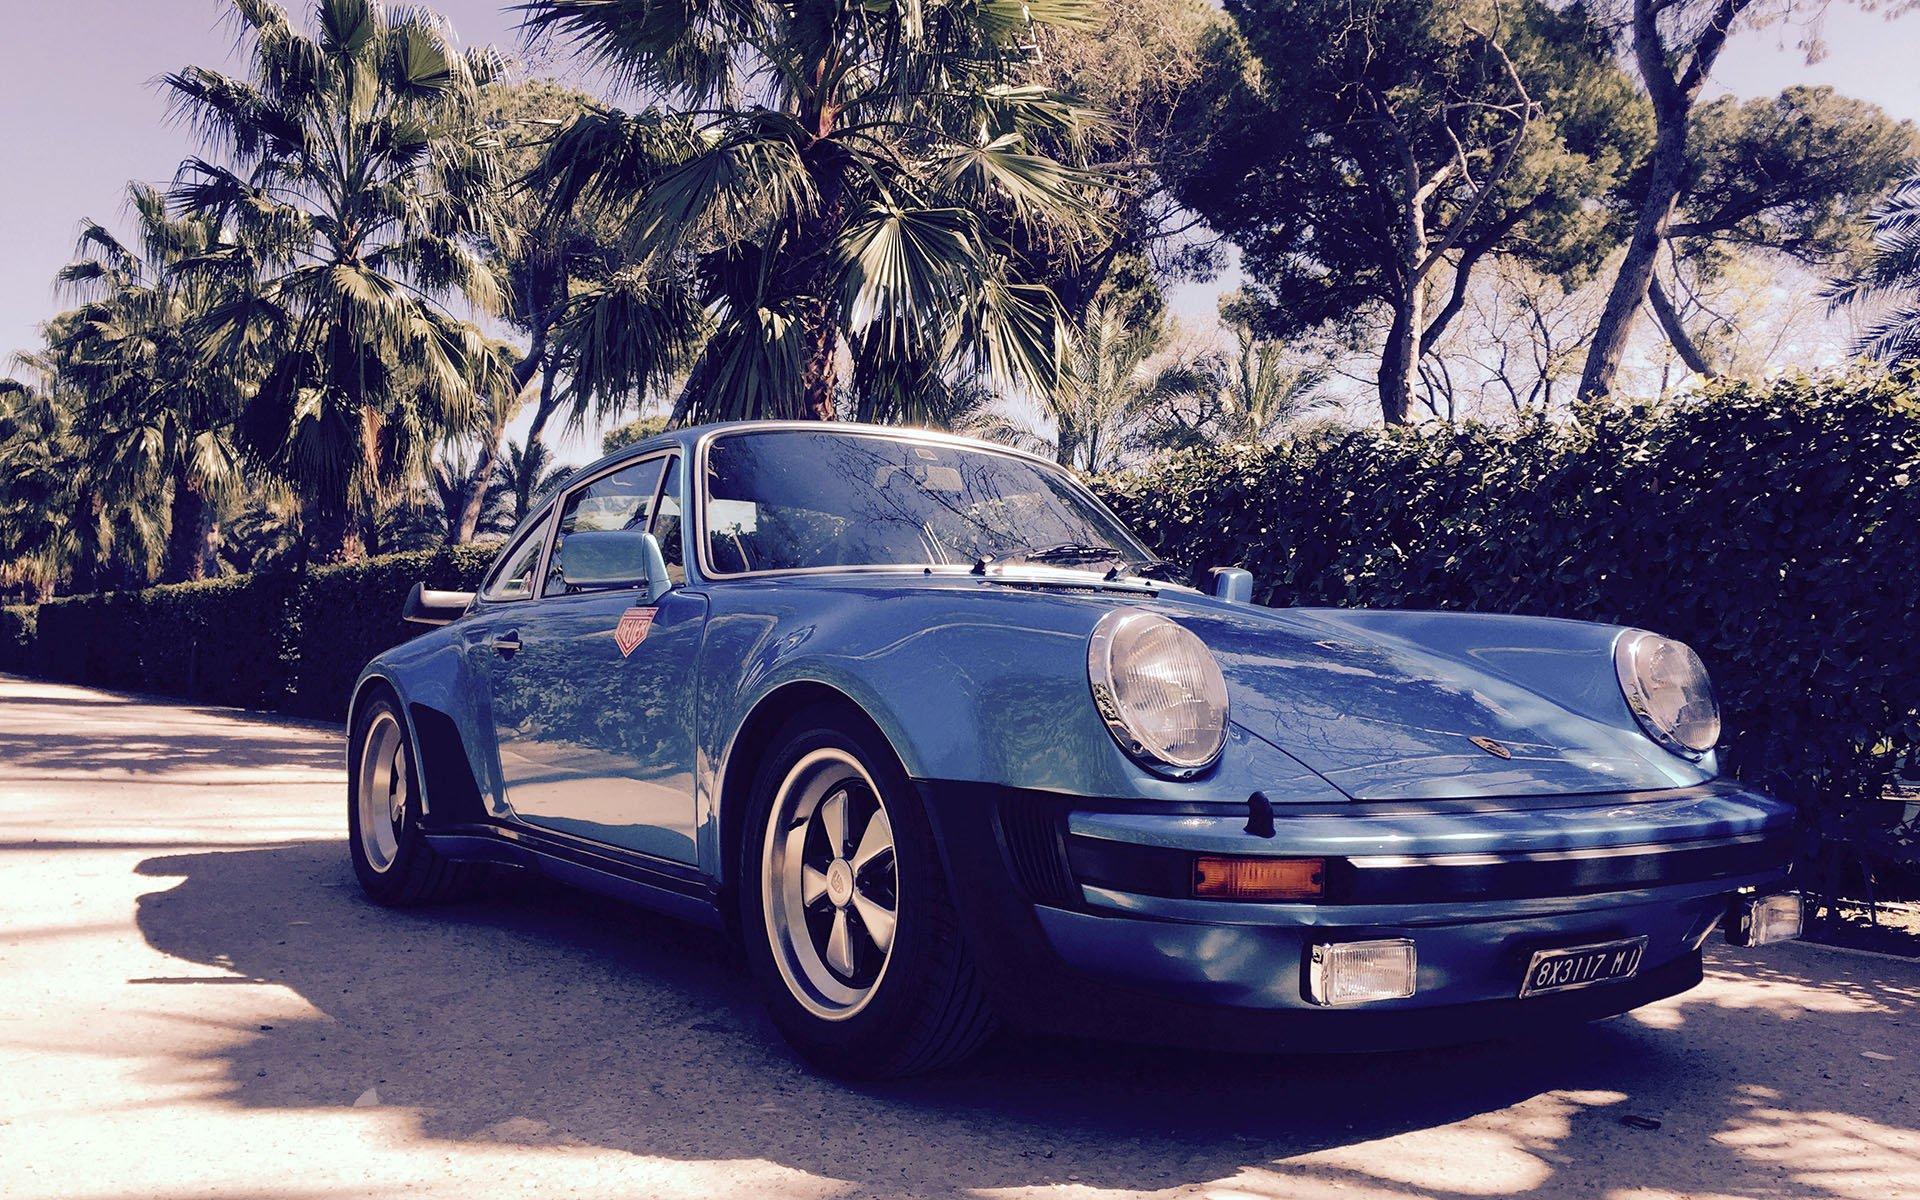 Porsche 911 Turbo 1977 Porsche Of The Month 2016 04